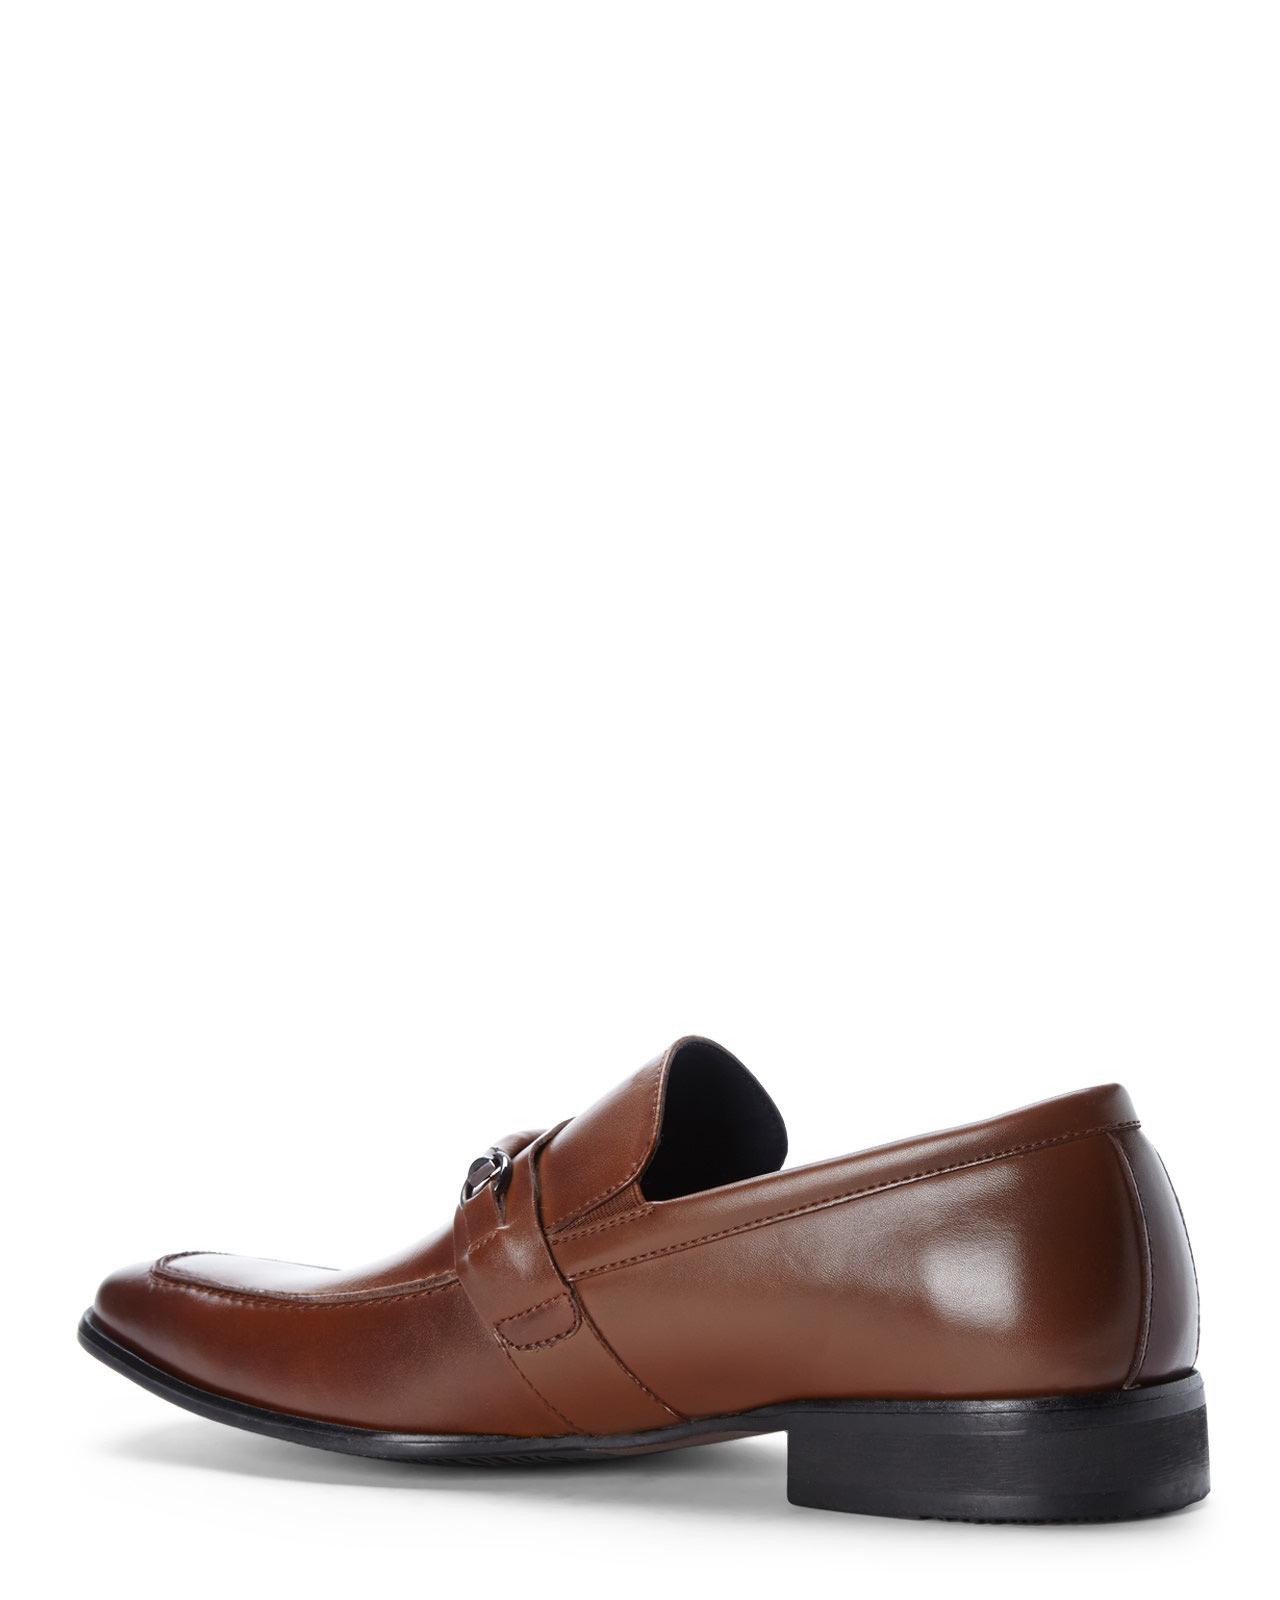 e65e7c34f38 Steve Madden Brown Cognac Sherman Loafers for men